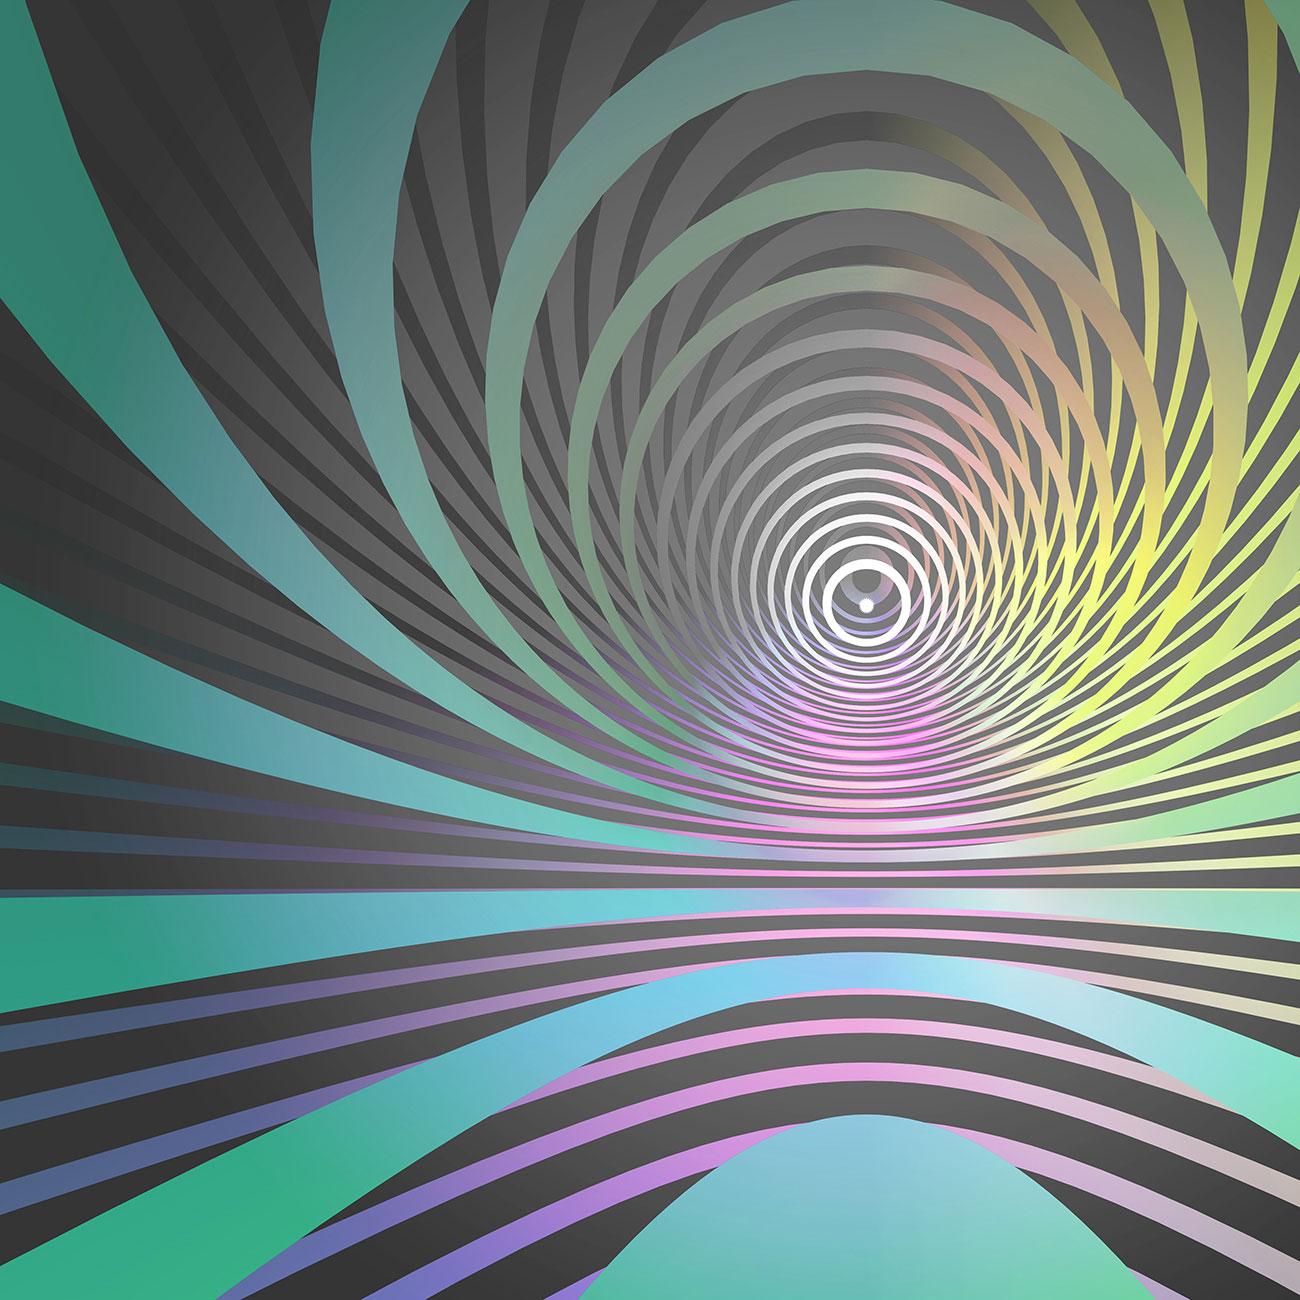 Sorbet Swirls